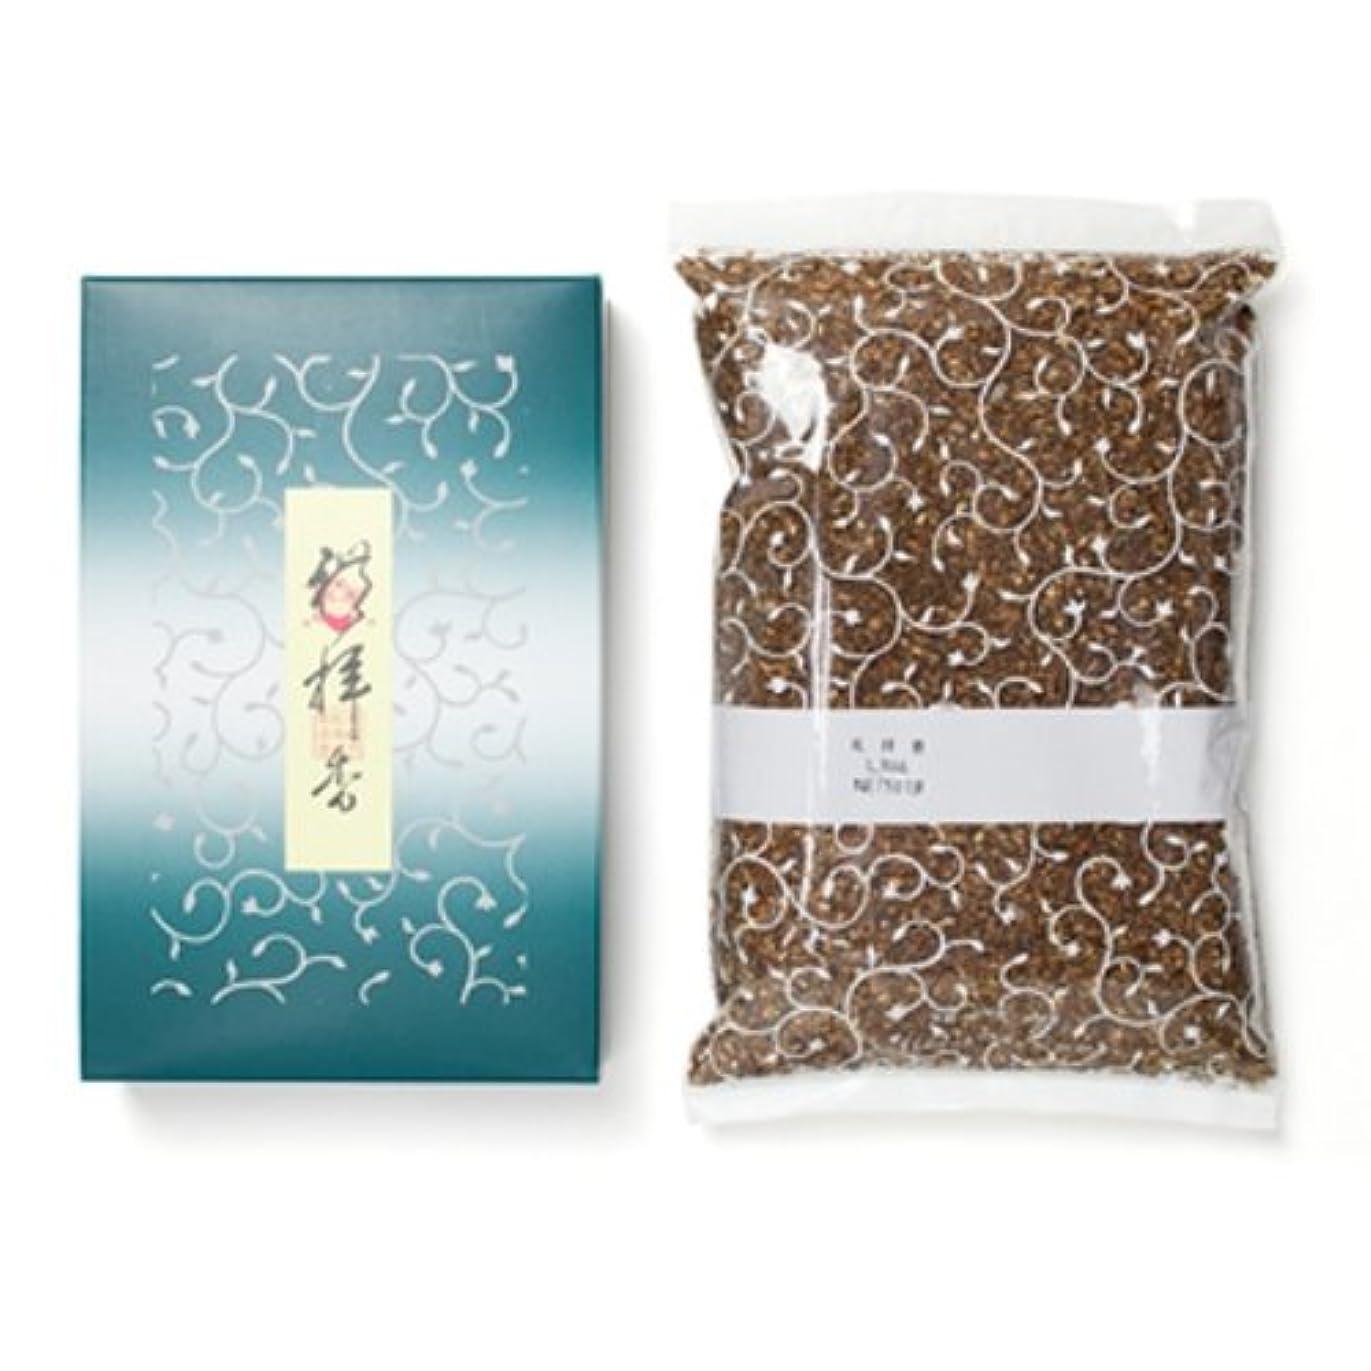 抽象形式チャット松栄堂のお焼香 礼拝香 500g詰 紙箱入 #410511